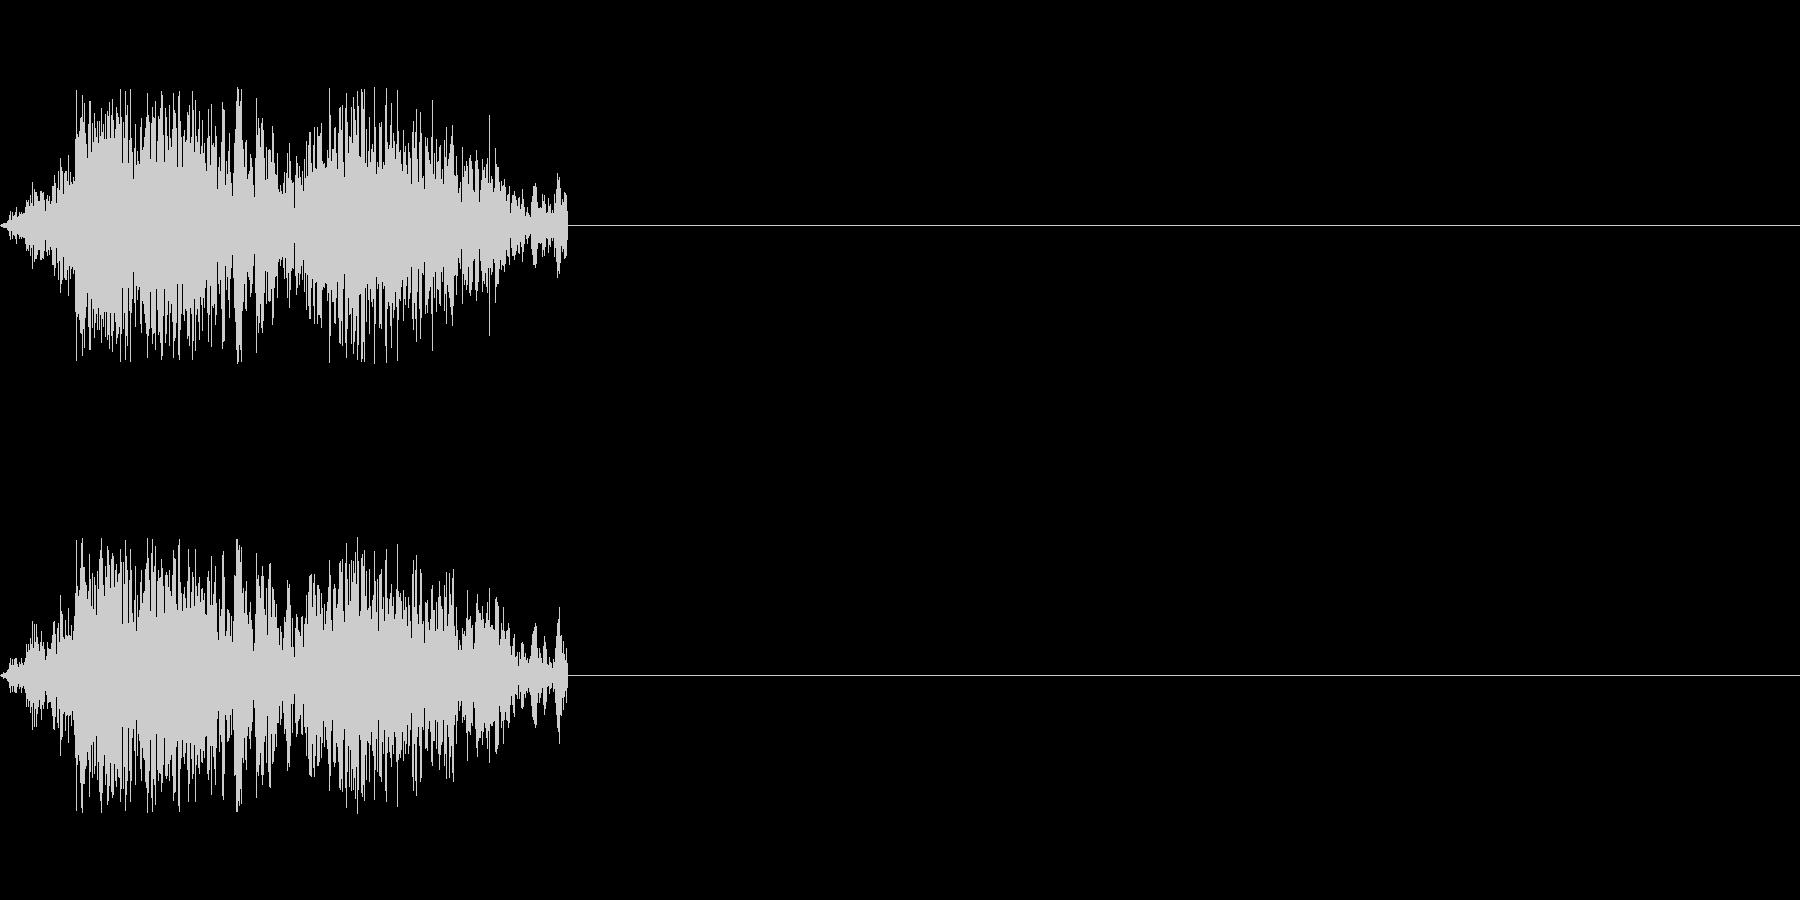 ゾンビの噛みつきの未再生の波形